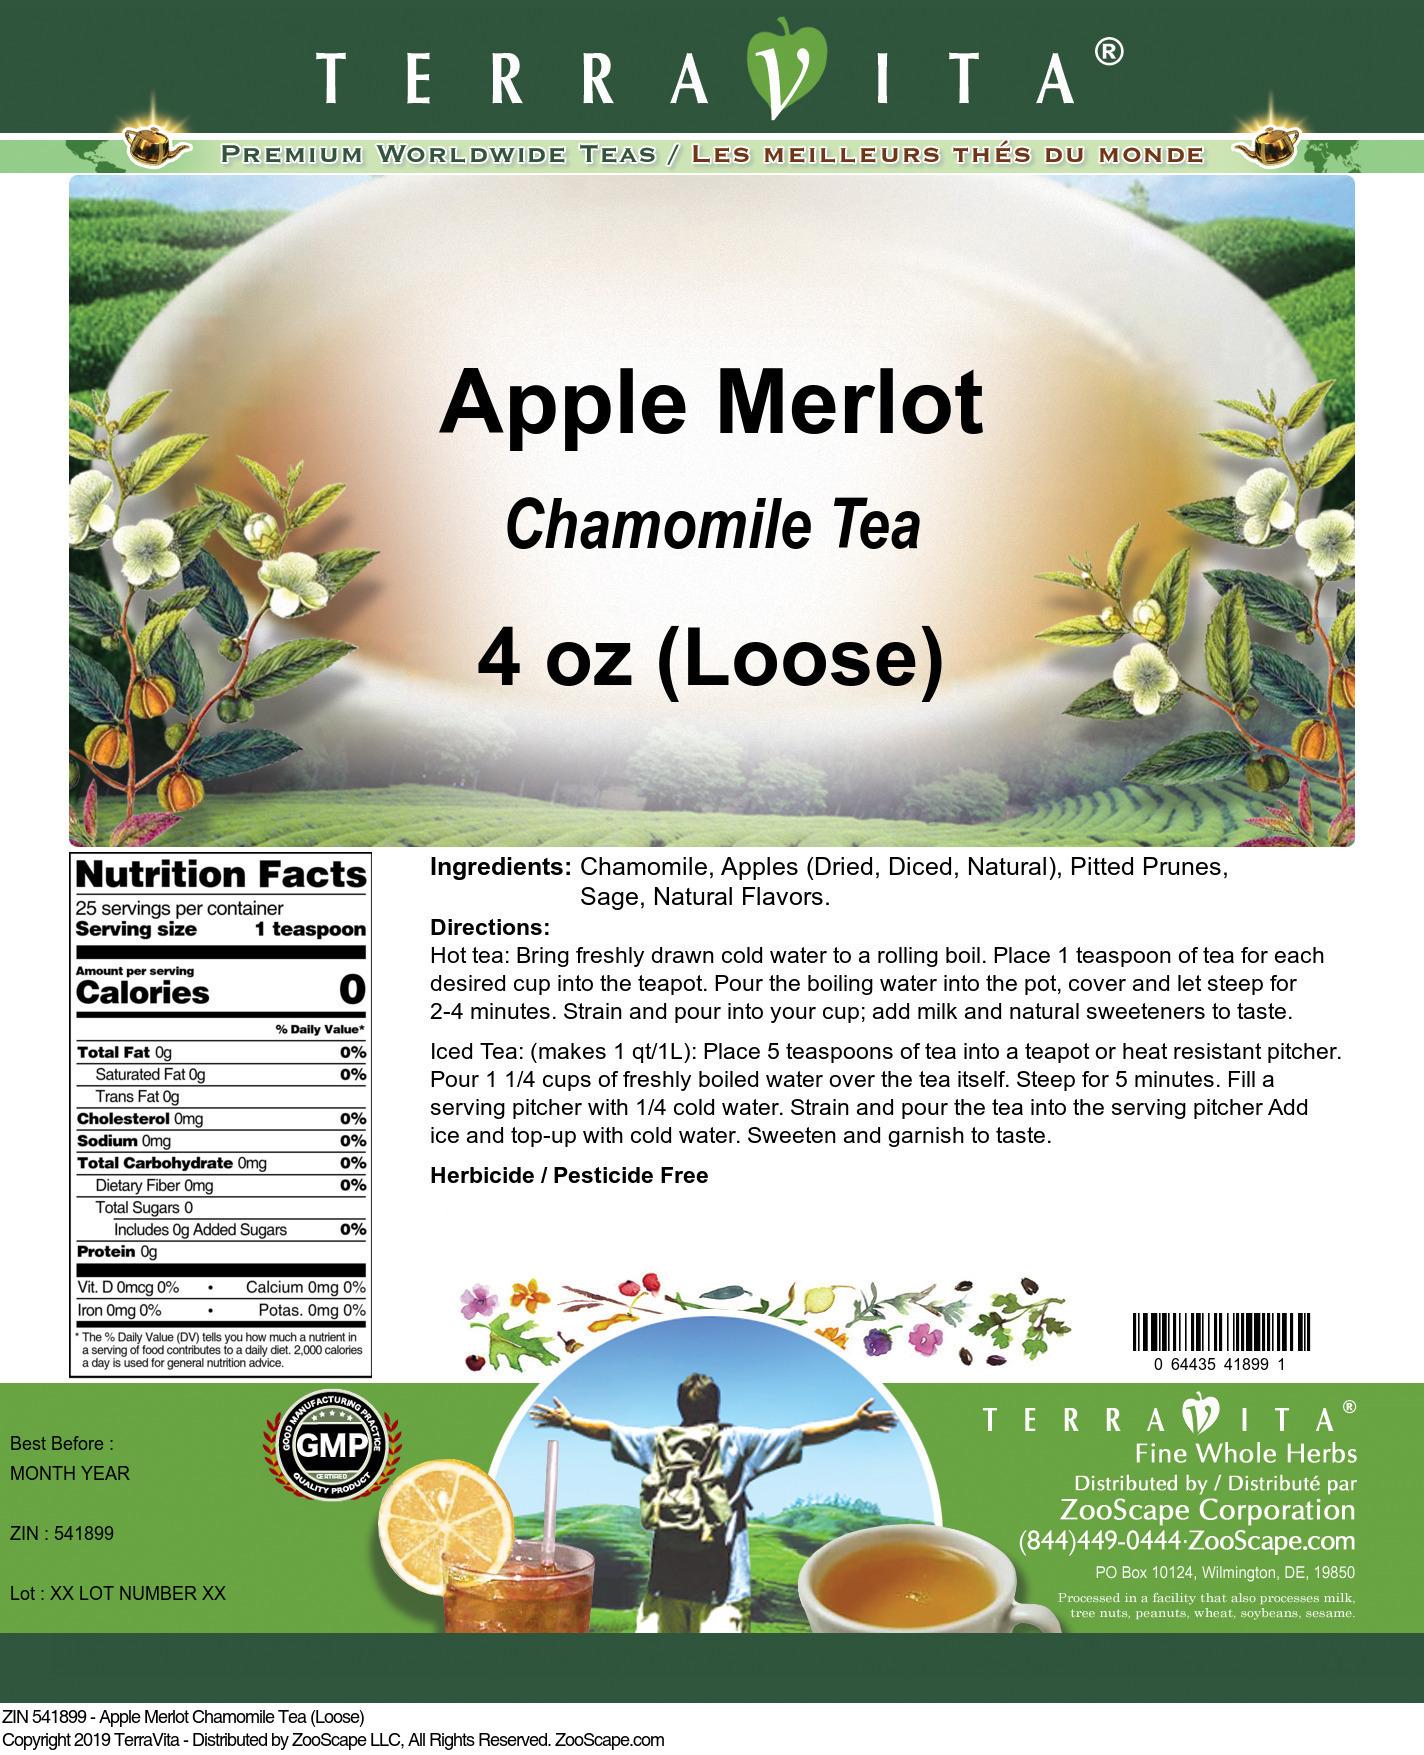 Apple Merlot Chamomile Tea (Loose)